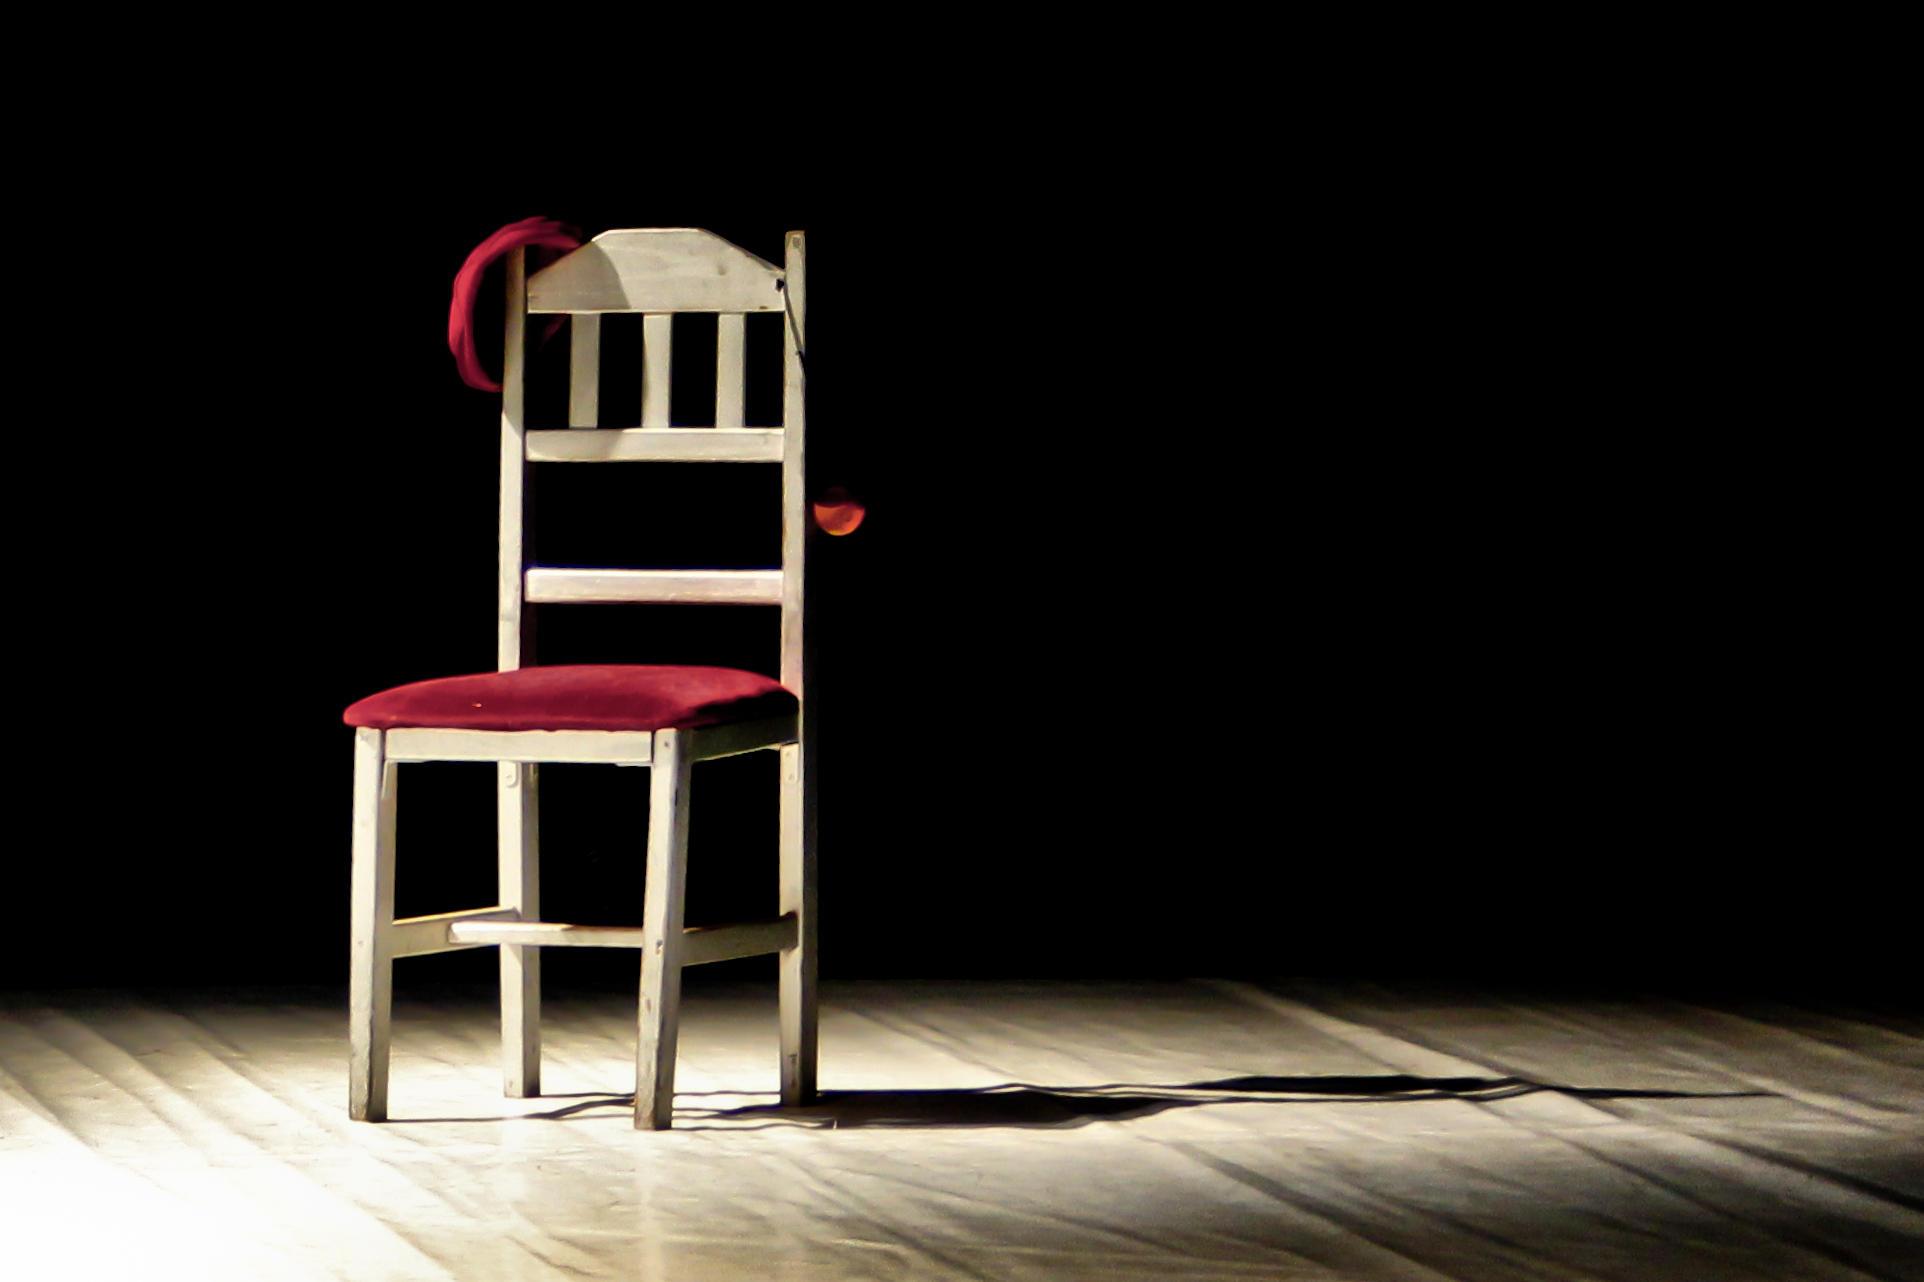 Life is a theater scene ile ilgili görsel sonucu